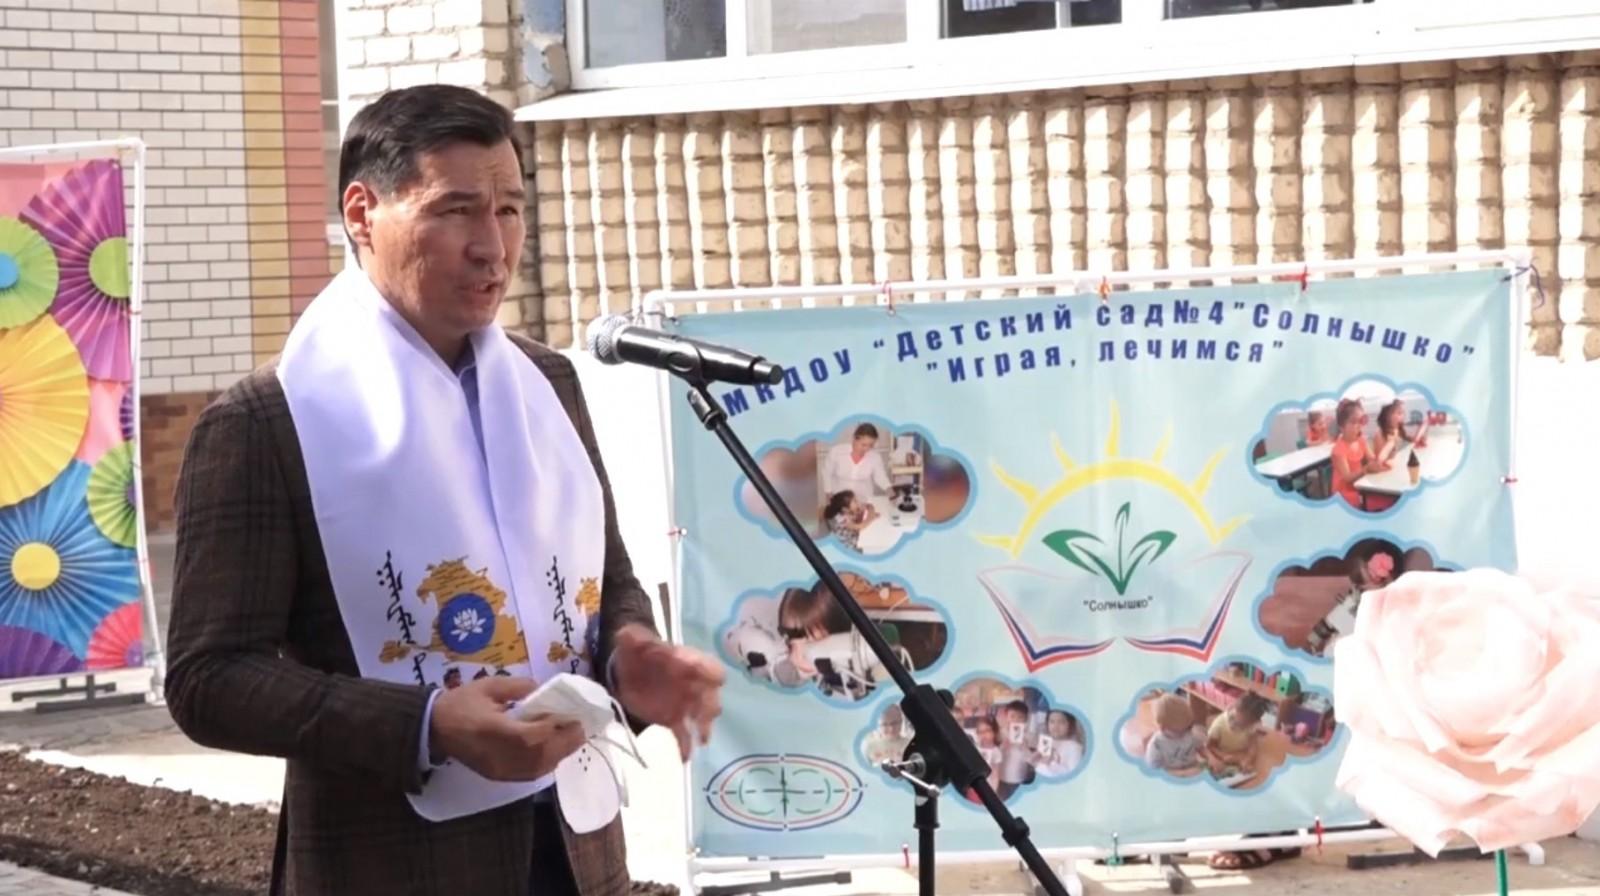 Сегодня состоялось открытие пристроя к зданию детского сада «Солнышко»